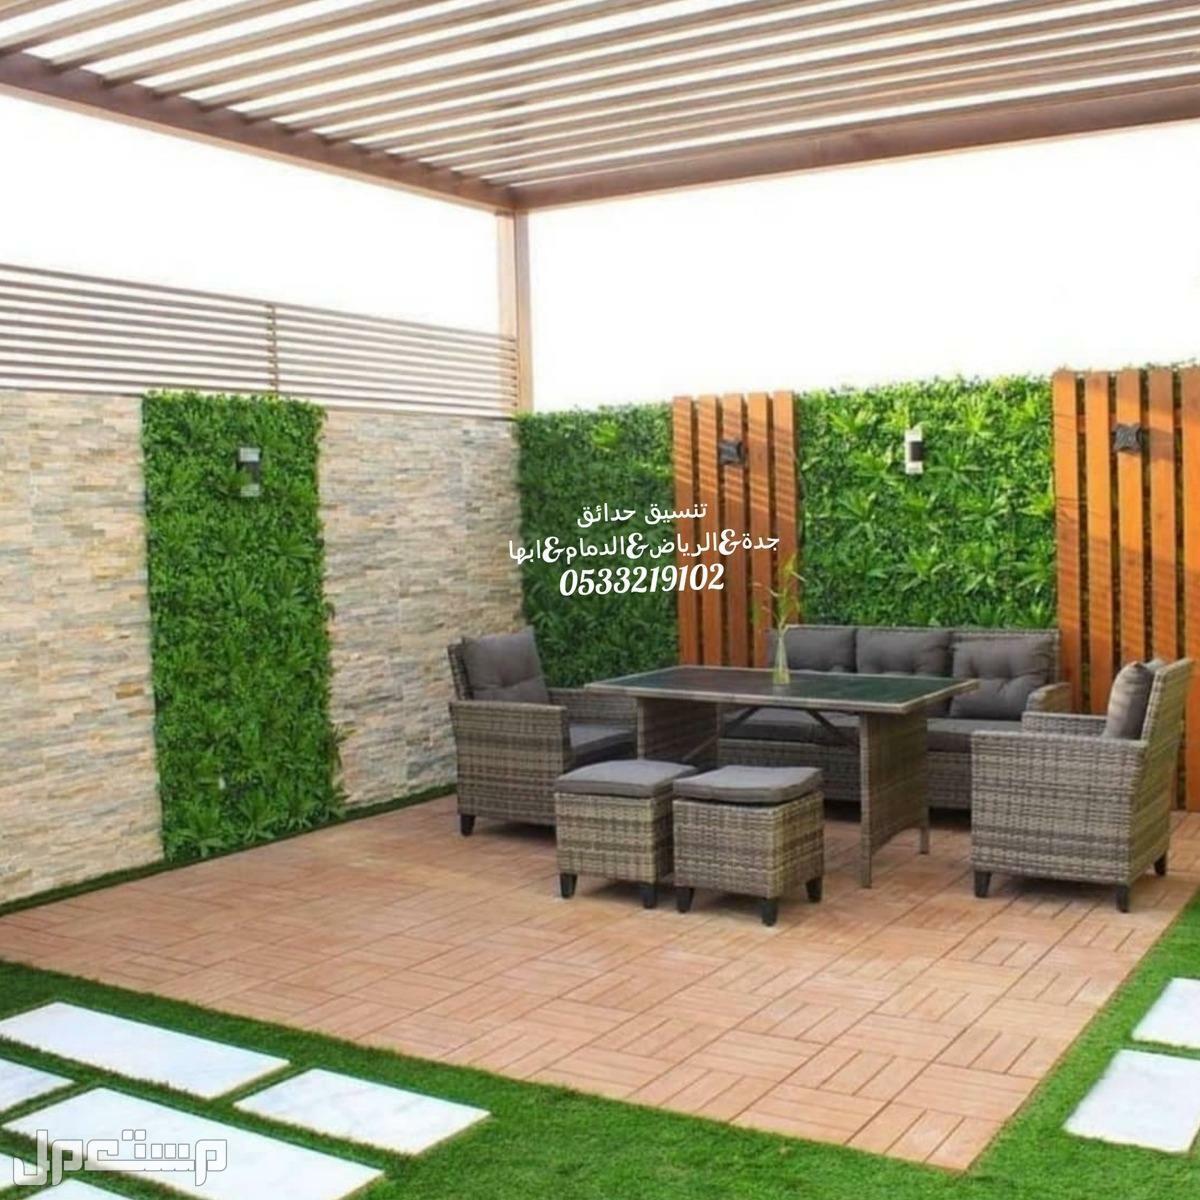 شلالات تنسيق الحدائق المنزلية الرياض